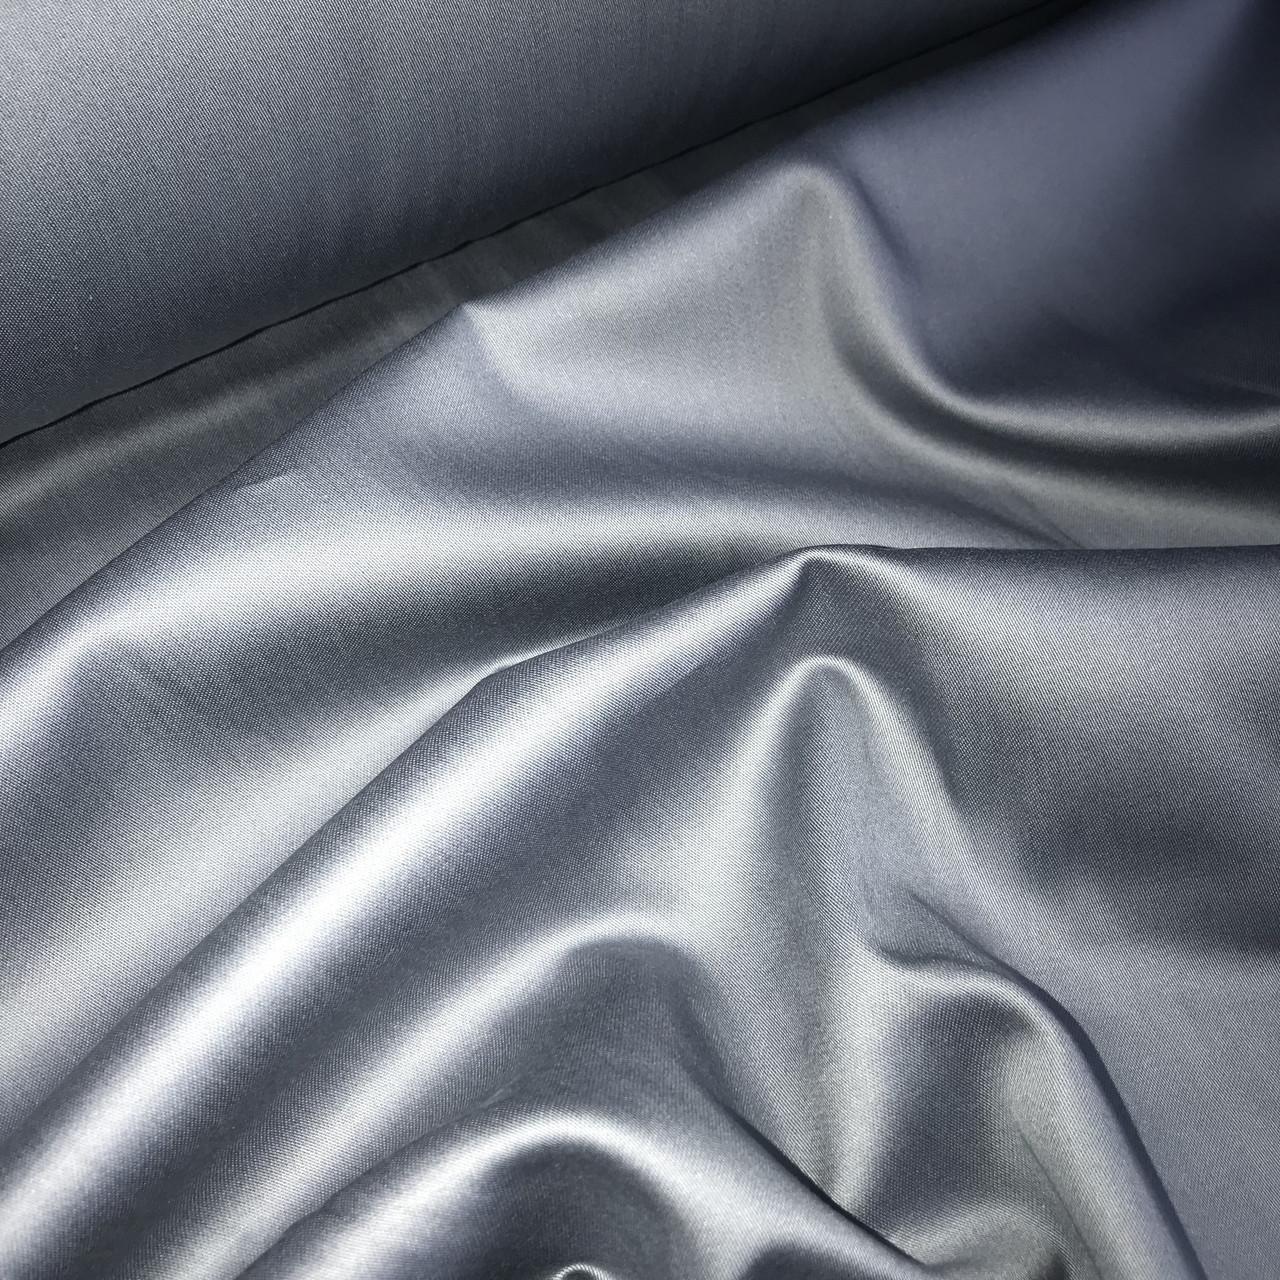 Сатин графитовый для постельного белья,  мерсеризованный  (ТУРЦИЯ шир. 2,4 м) № 31-32s ОТРЕЗ (1*2,4)